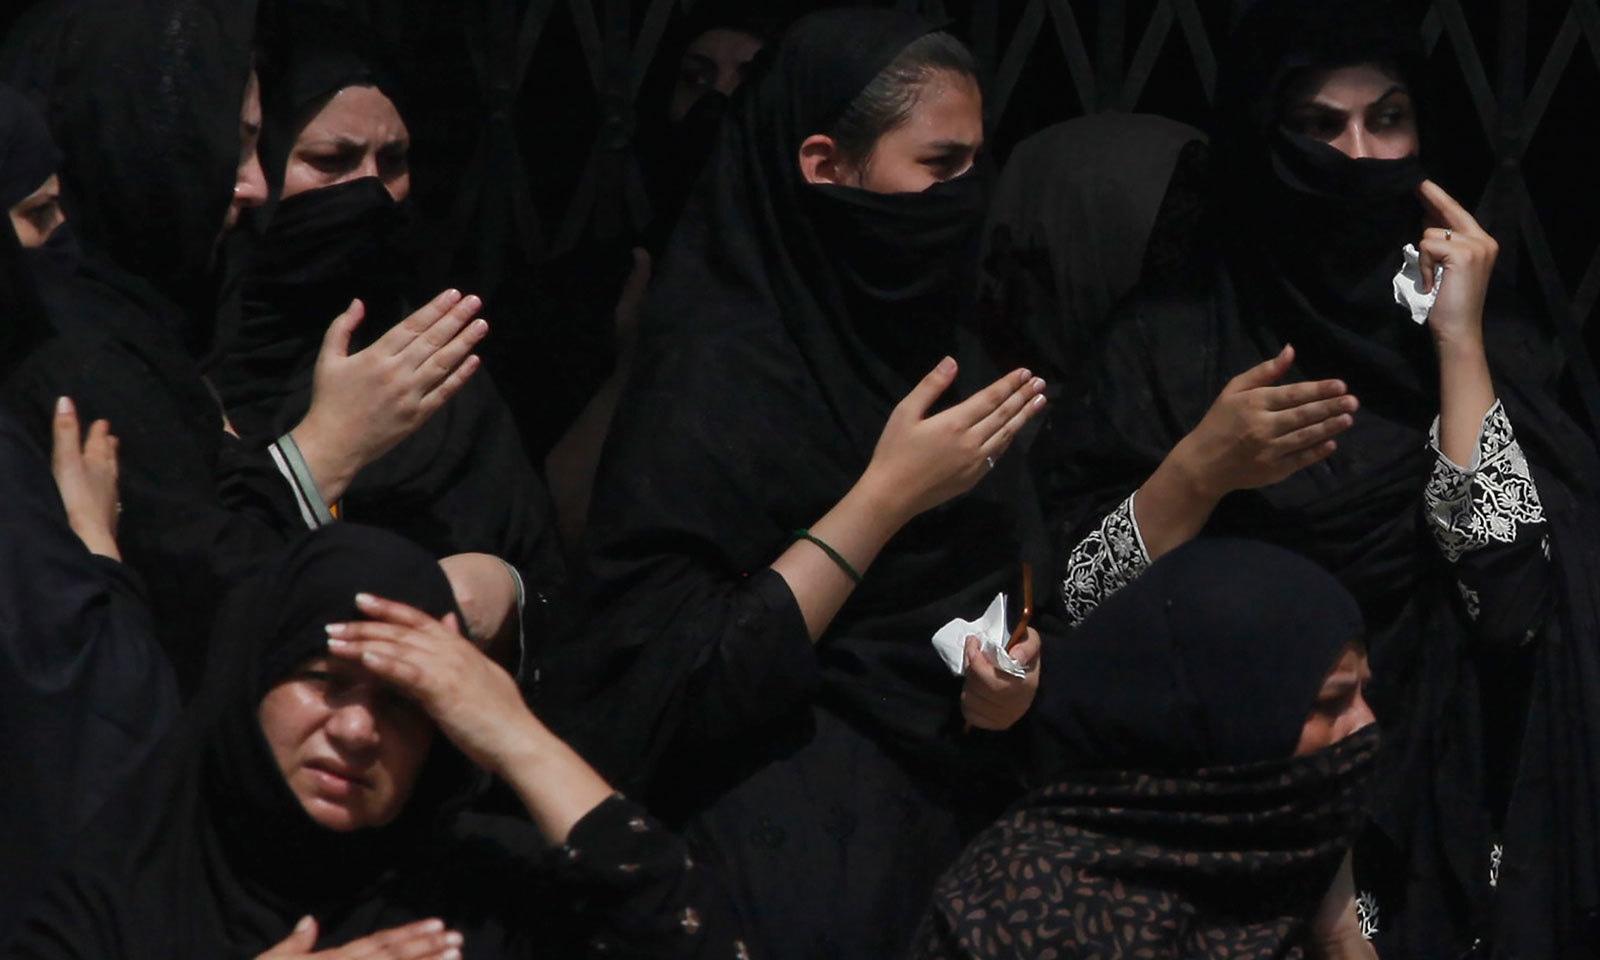 9محرم الحرام کی مجلس عزا میں خواتین سینہ کوبی کر رہی ہیں— فوٹو: اے پی